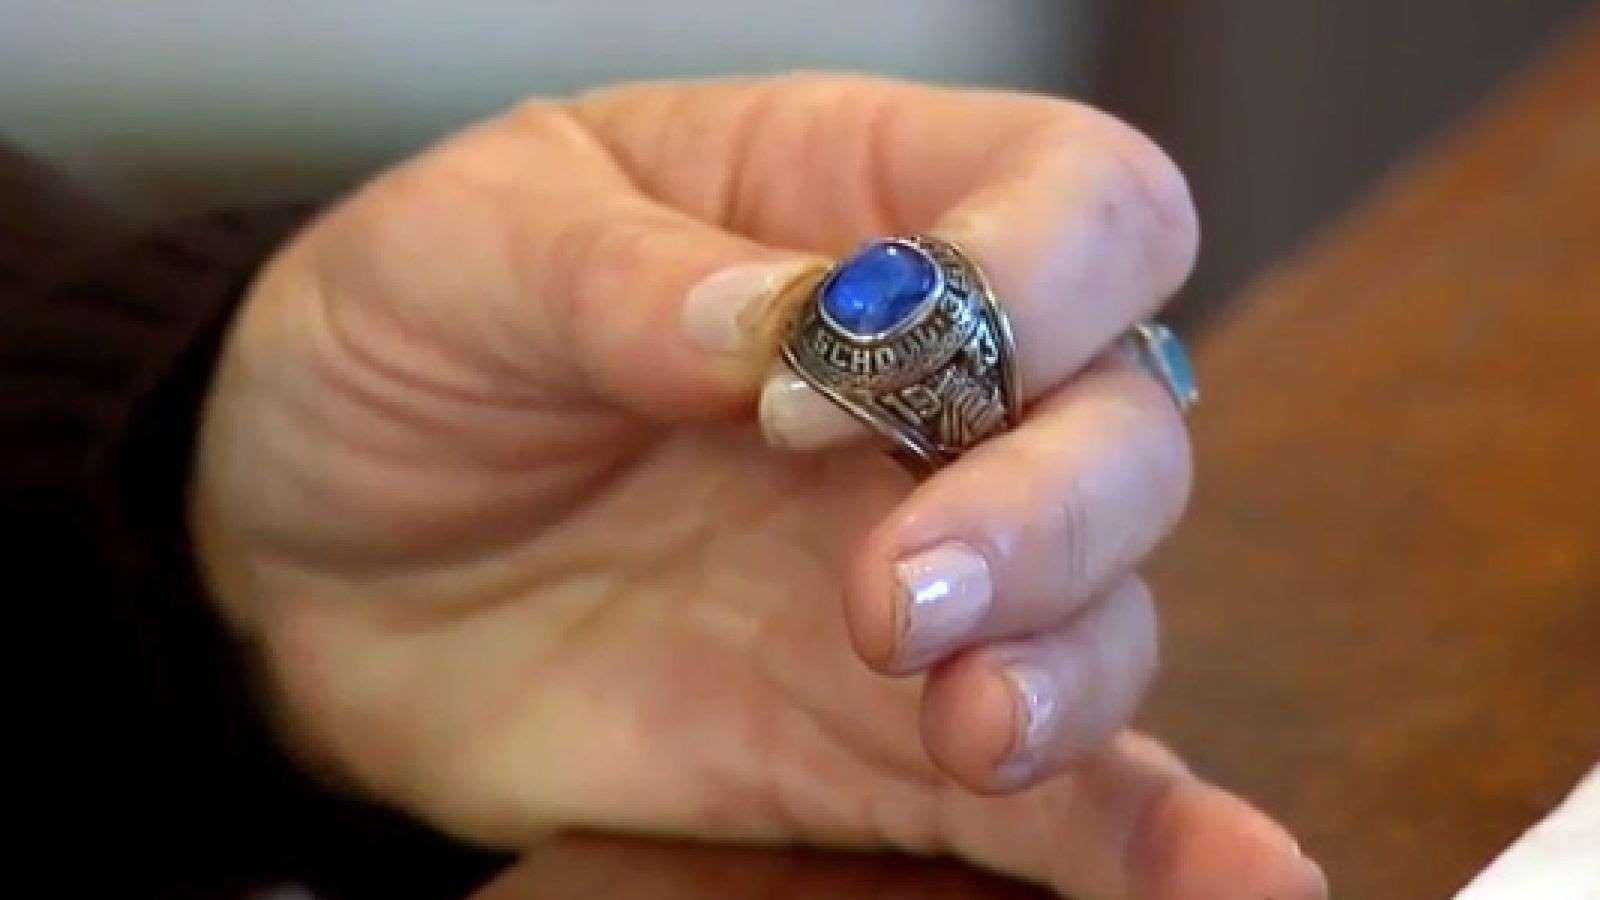 Chiếc nhẫn thất lạc tại Mỹ tình cờ được phát hiện tại Phần Lan sau 47 năm - 1